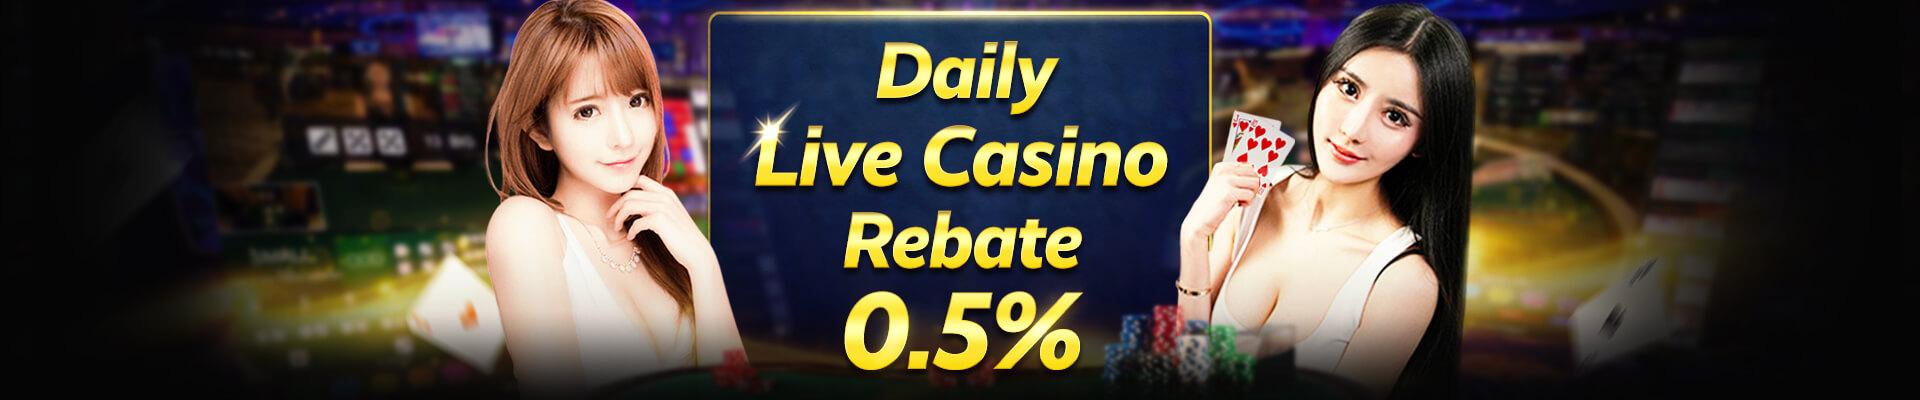 0.5% Daily Live Casino Rebate